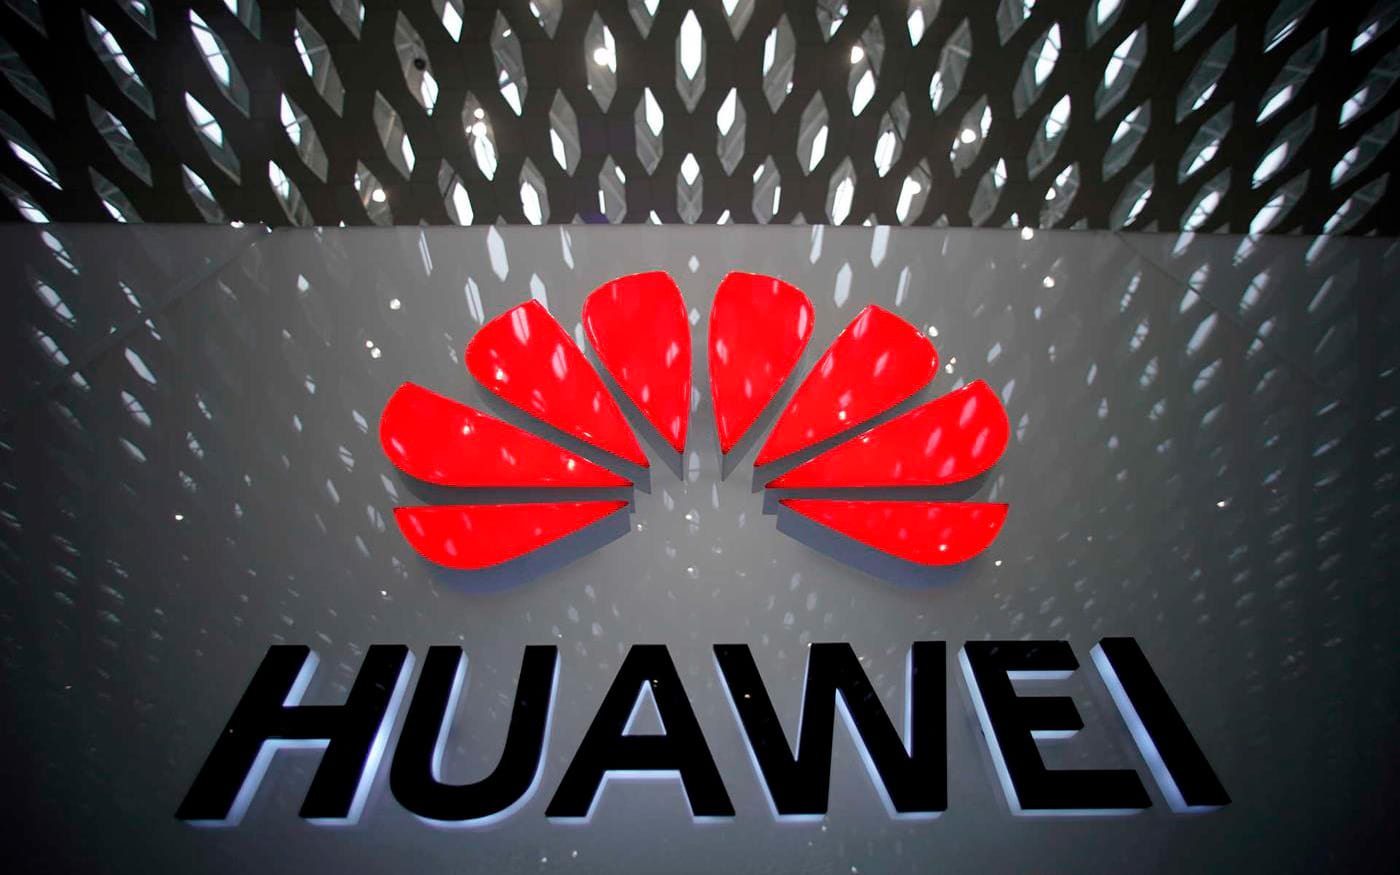 Huawei acusa os EUA de fazer cyber ataques contra a empresa